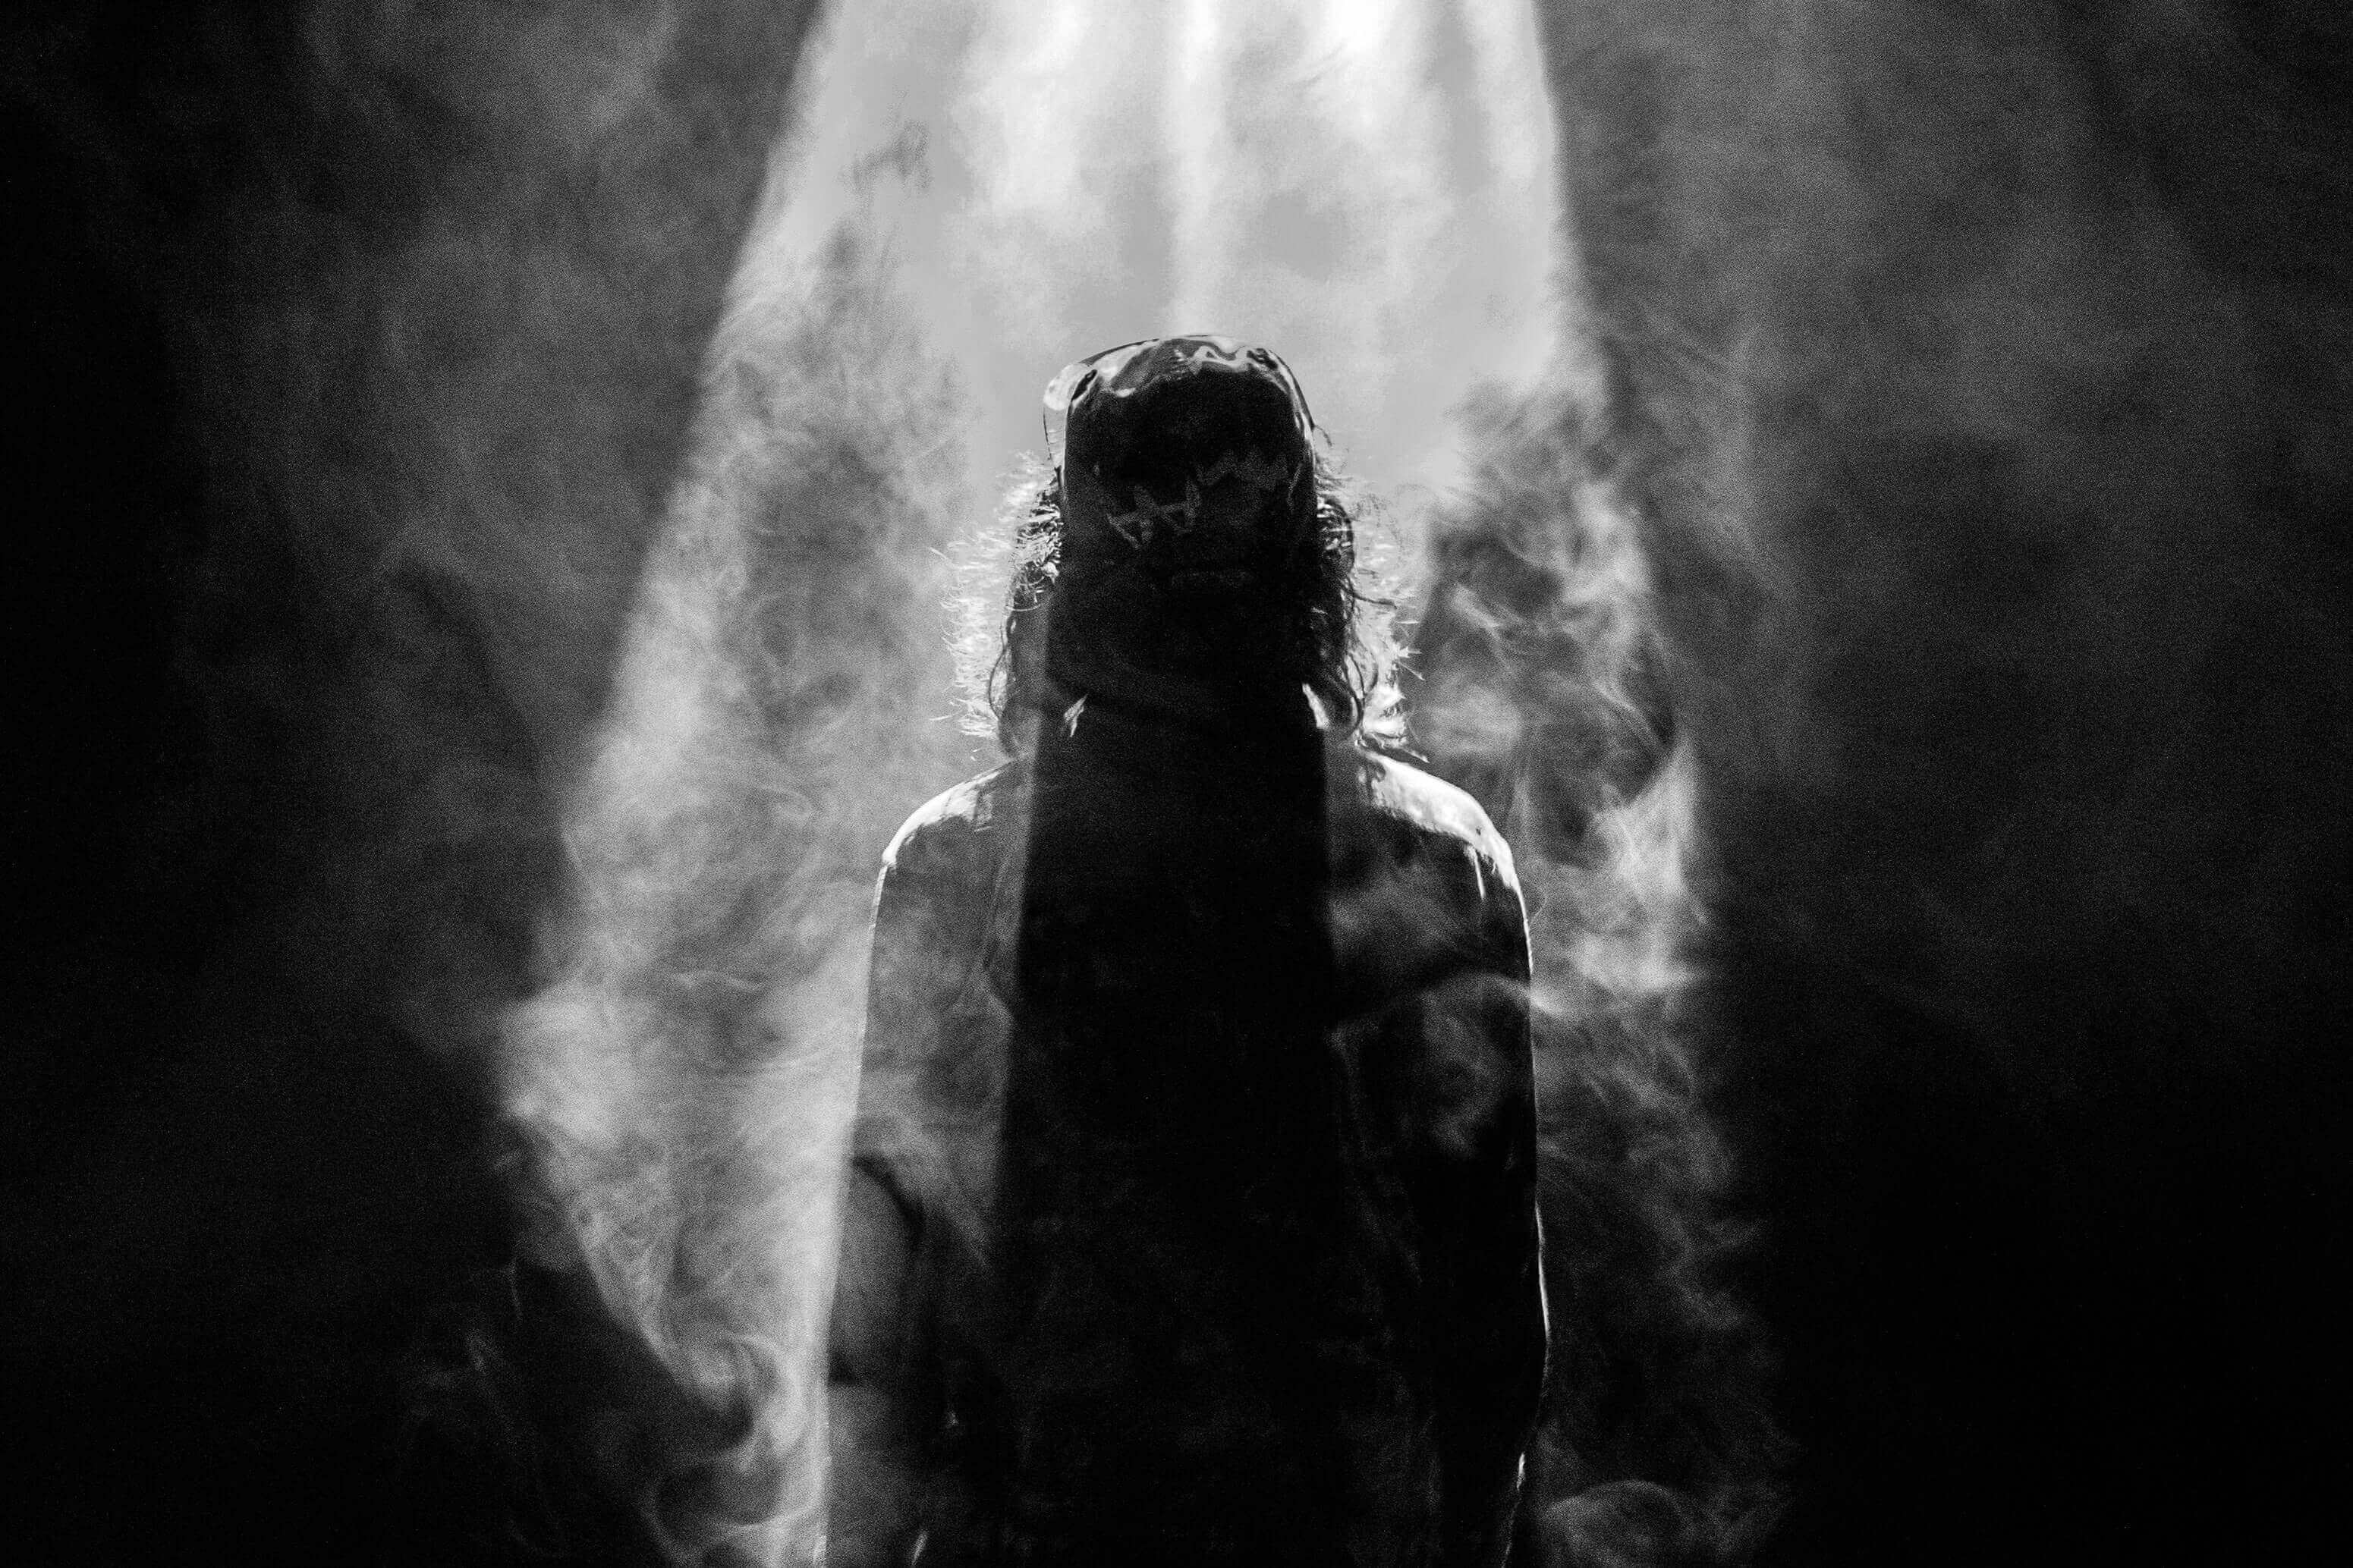 Mann steht mit Rücken im Lichtstrahl und ist umgeben von Dunkelheit